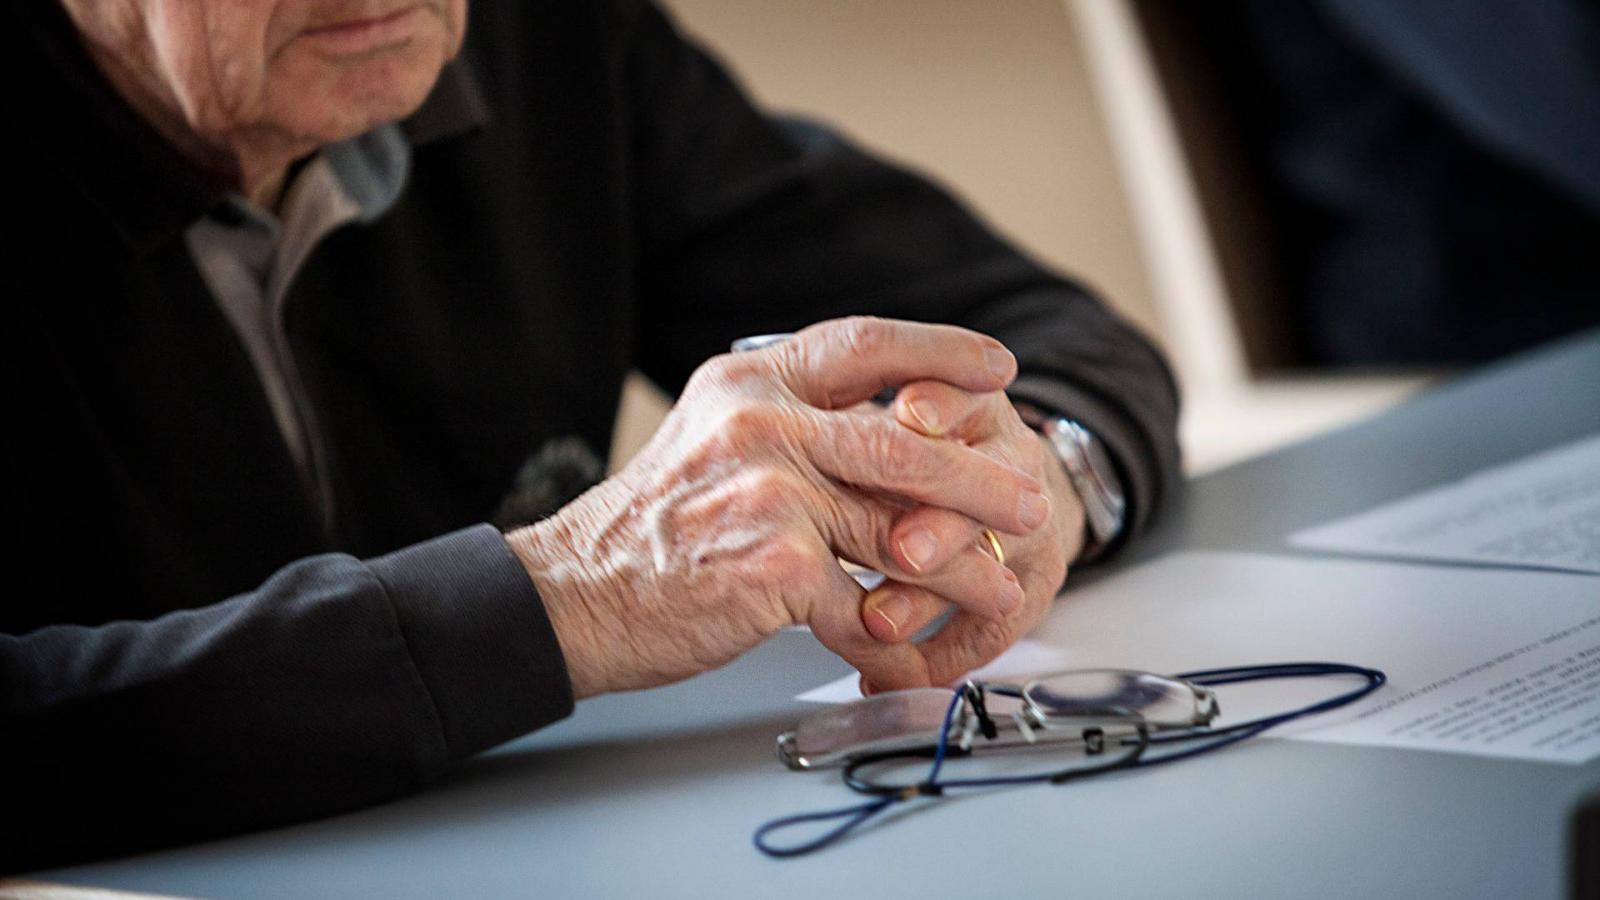 Amit a Parkinson-kórról eddig nem tudott | Gyógyszer Nélkül